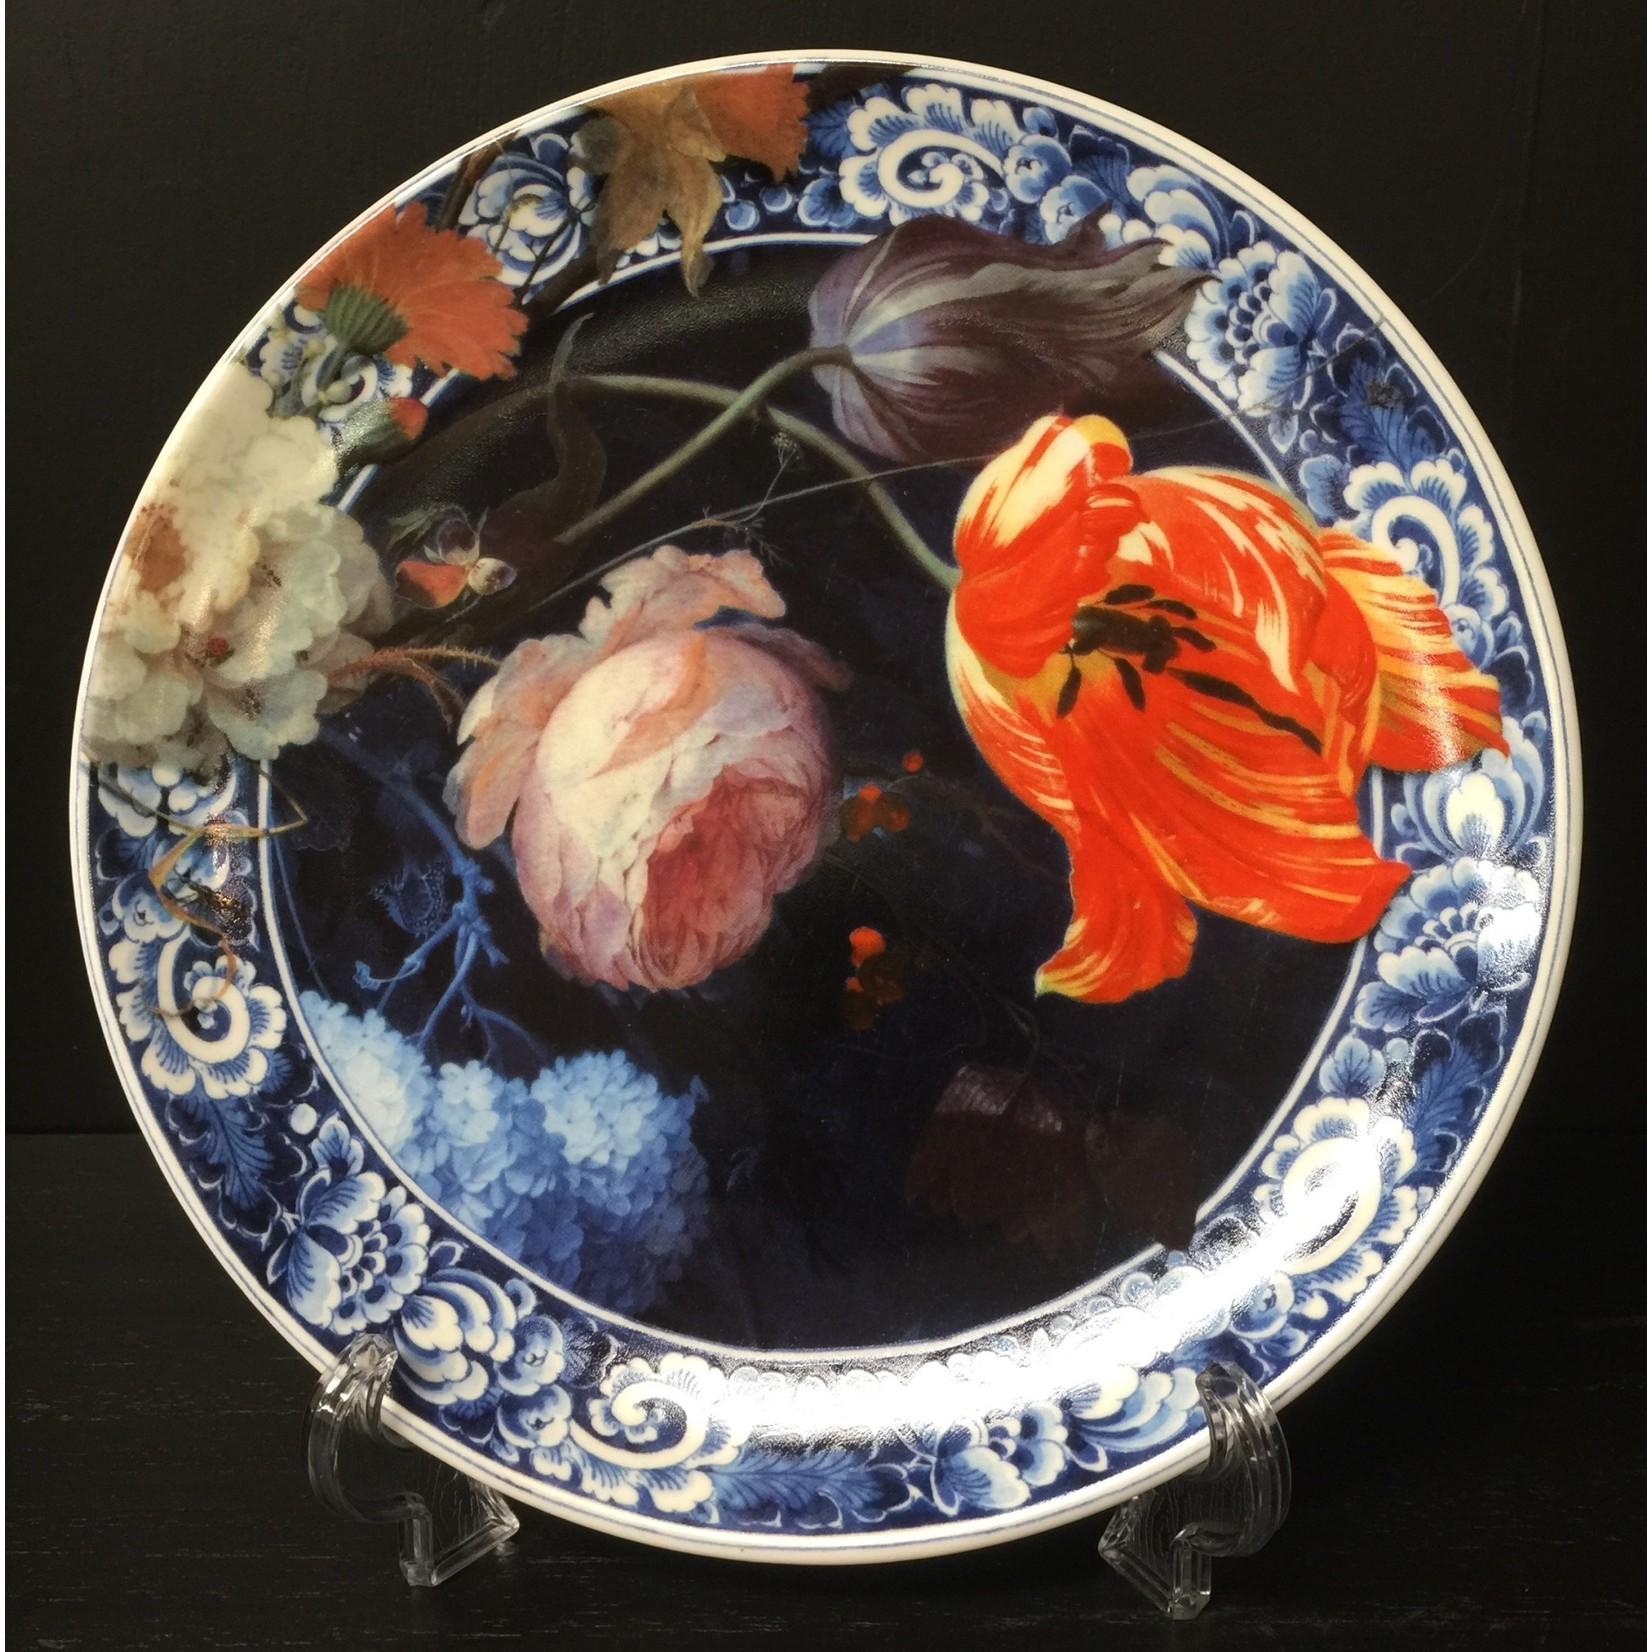 Heinen Heinen Delfts Blauw wandbord Bloemen van de gouden eeuw 20 cm